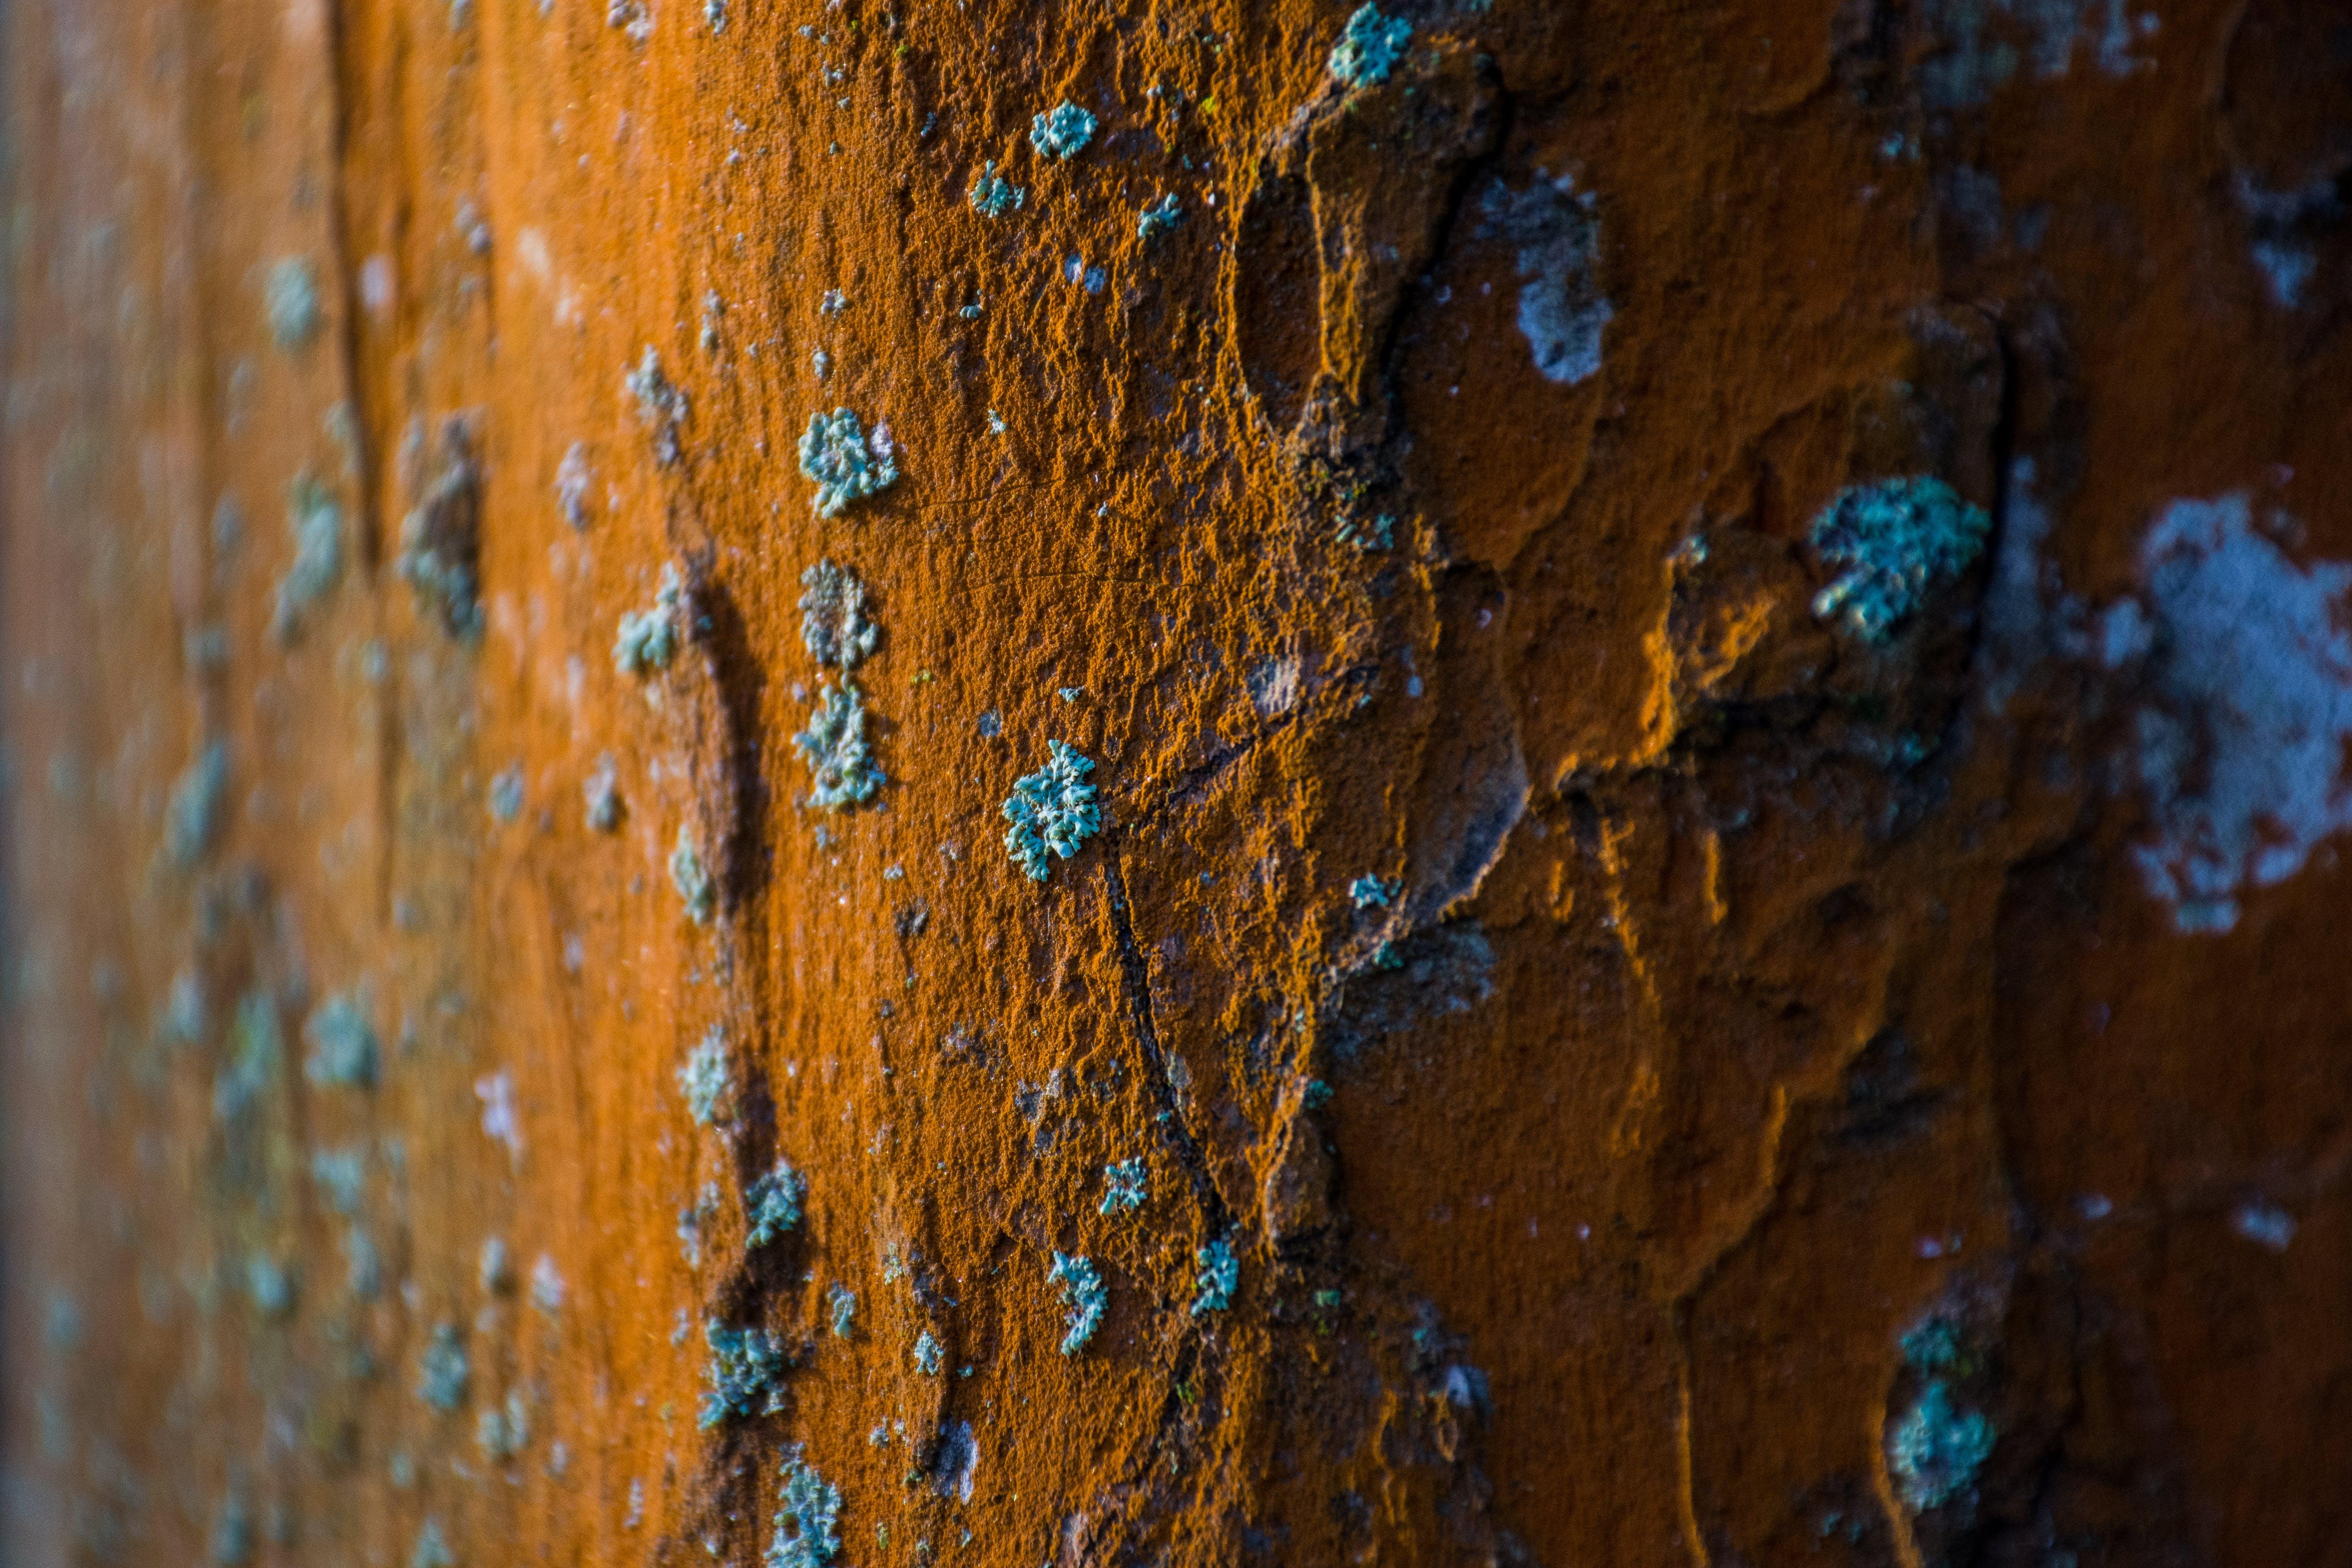 Fotos de stock gratuitas de áspero, colores, decadencia, estampado